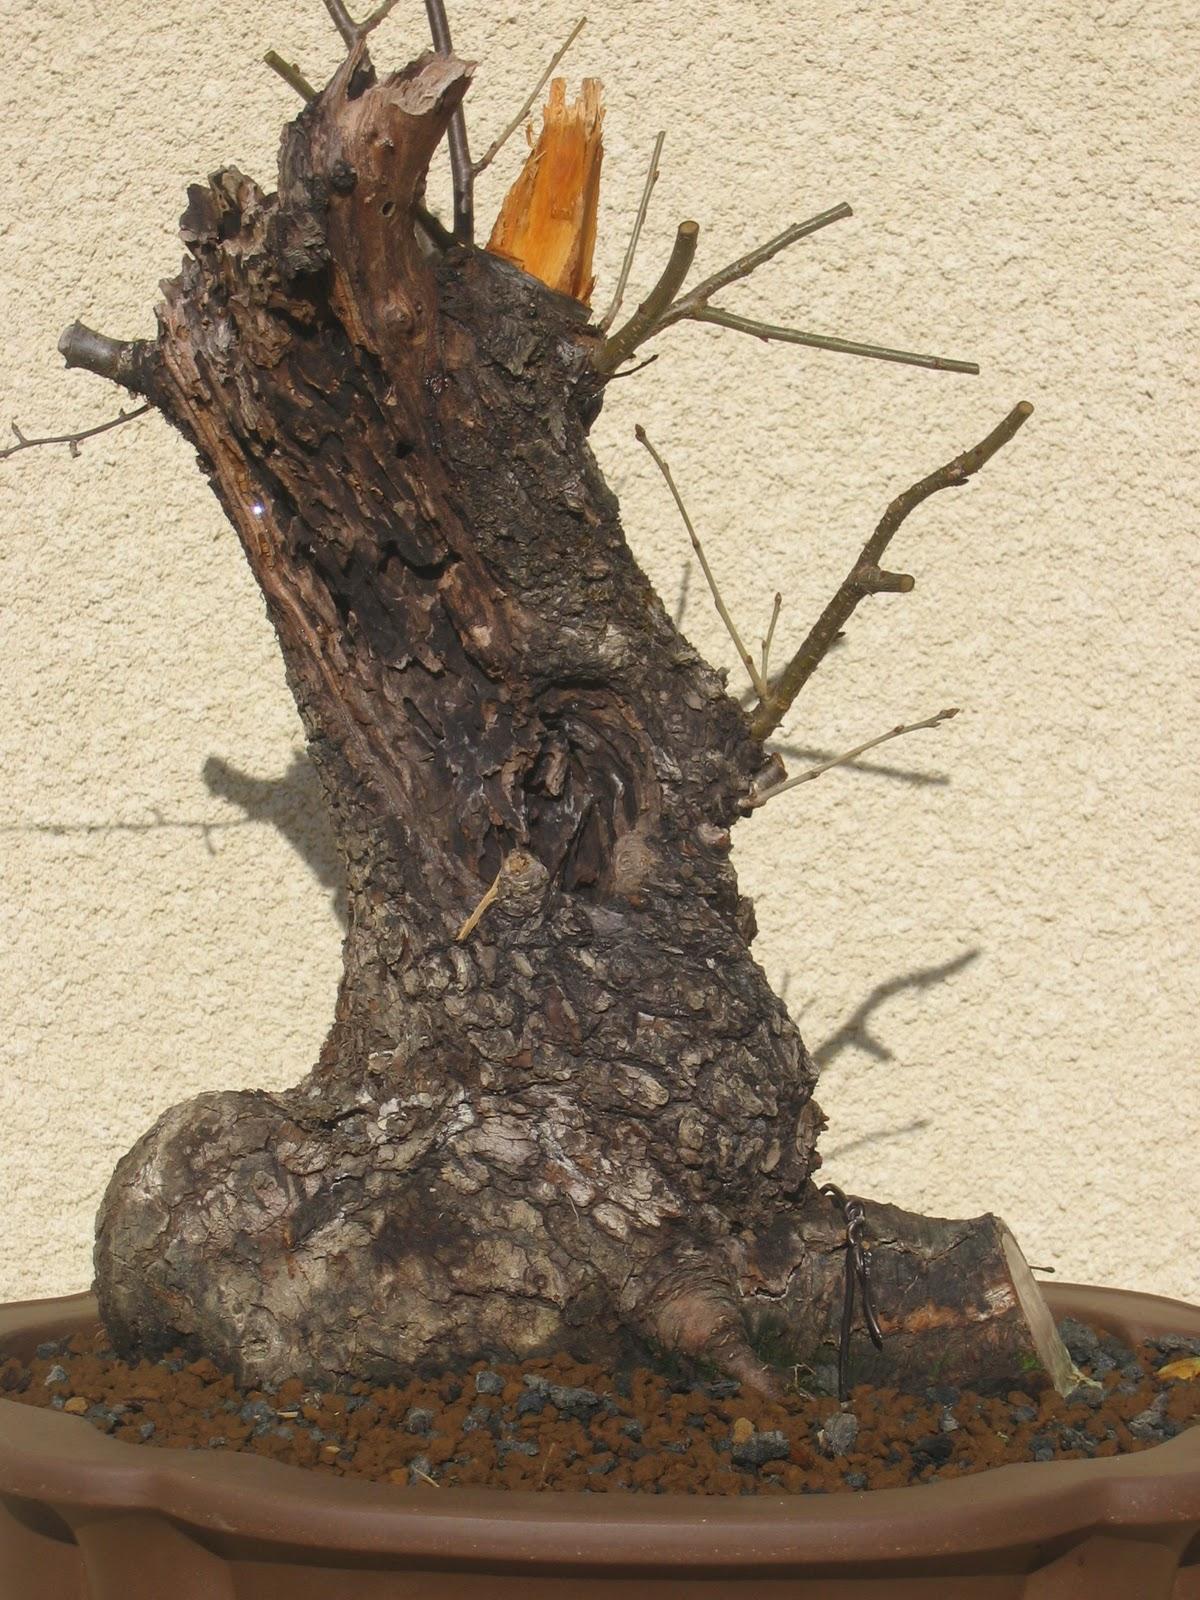 Cerisier Bois Mort : En 2009, prolongement du bois mort afin de retrouver la conicit?